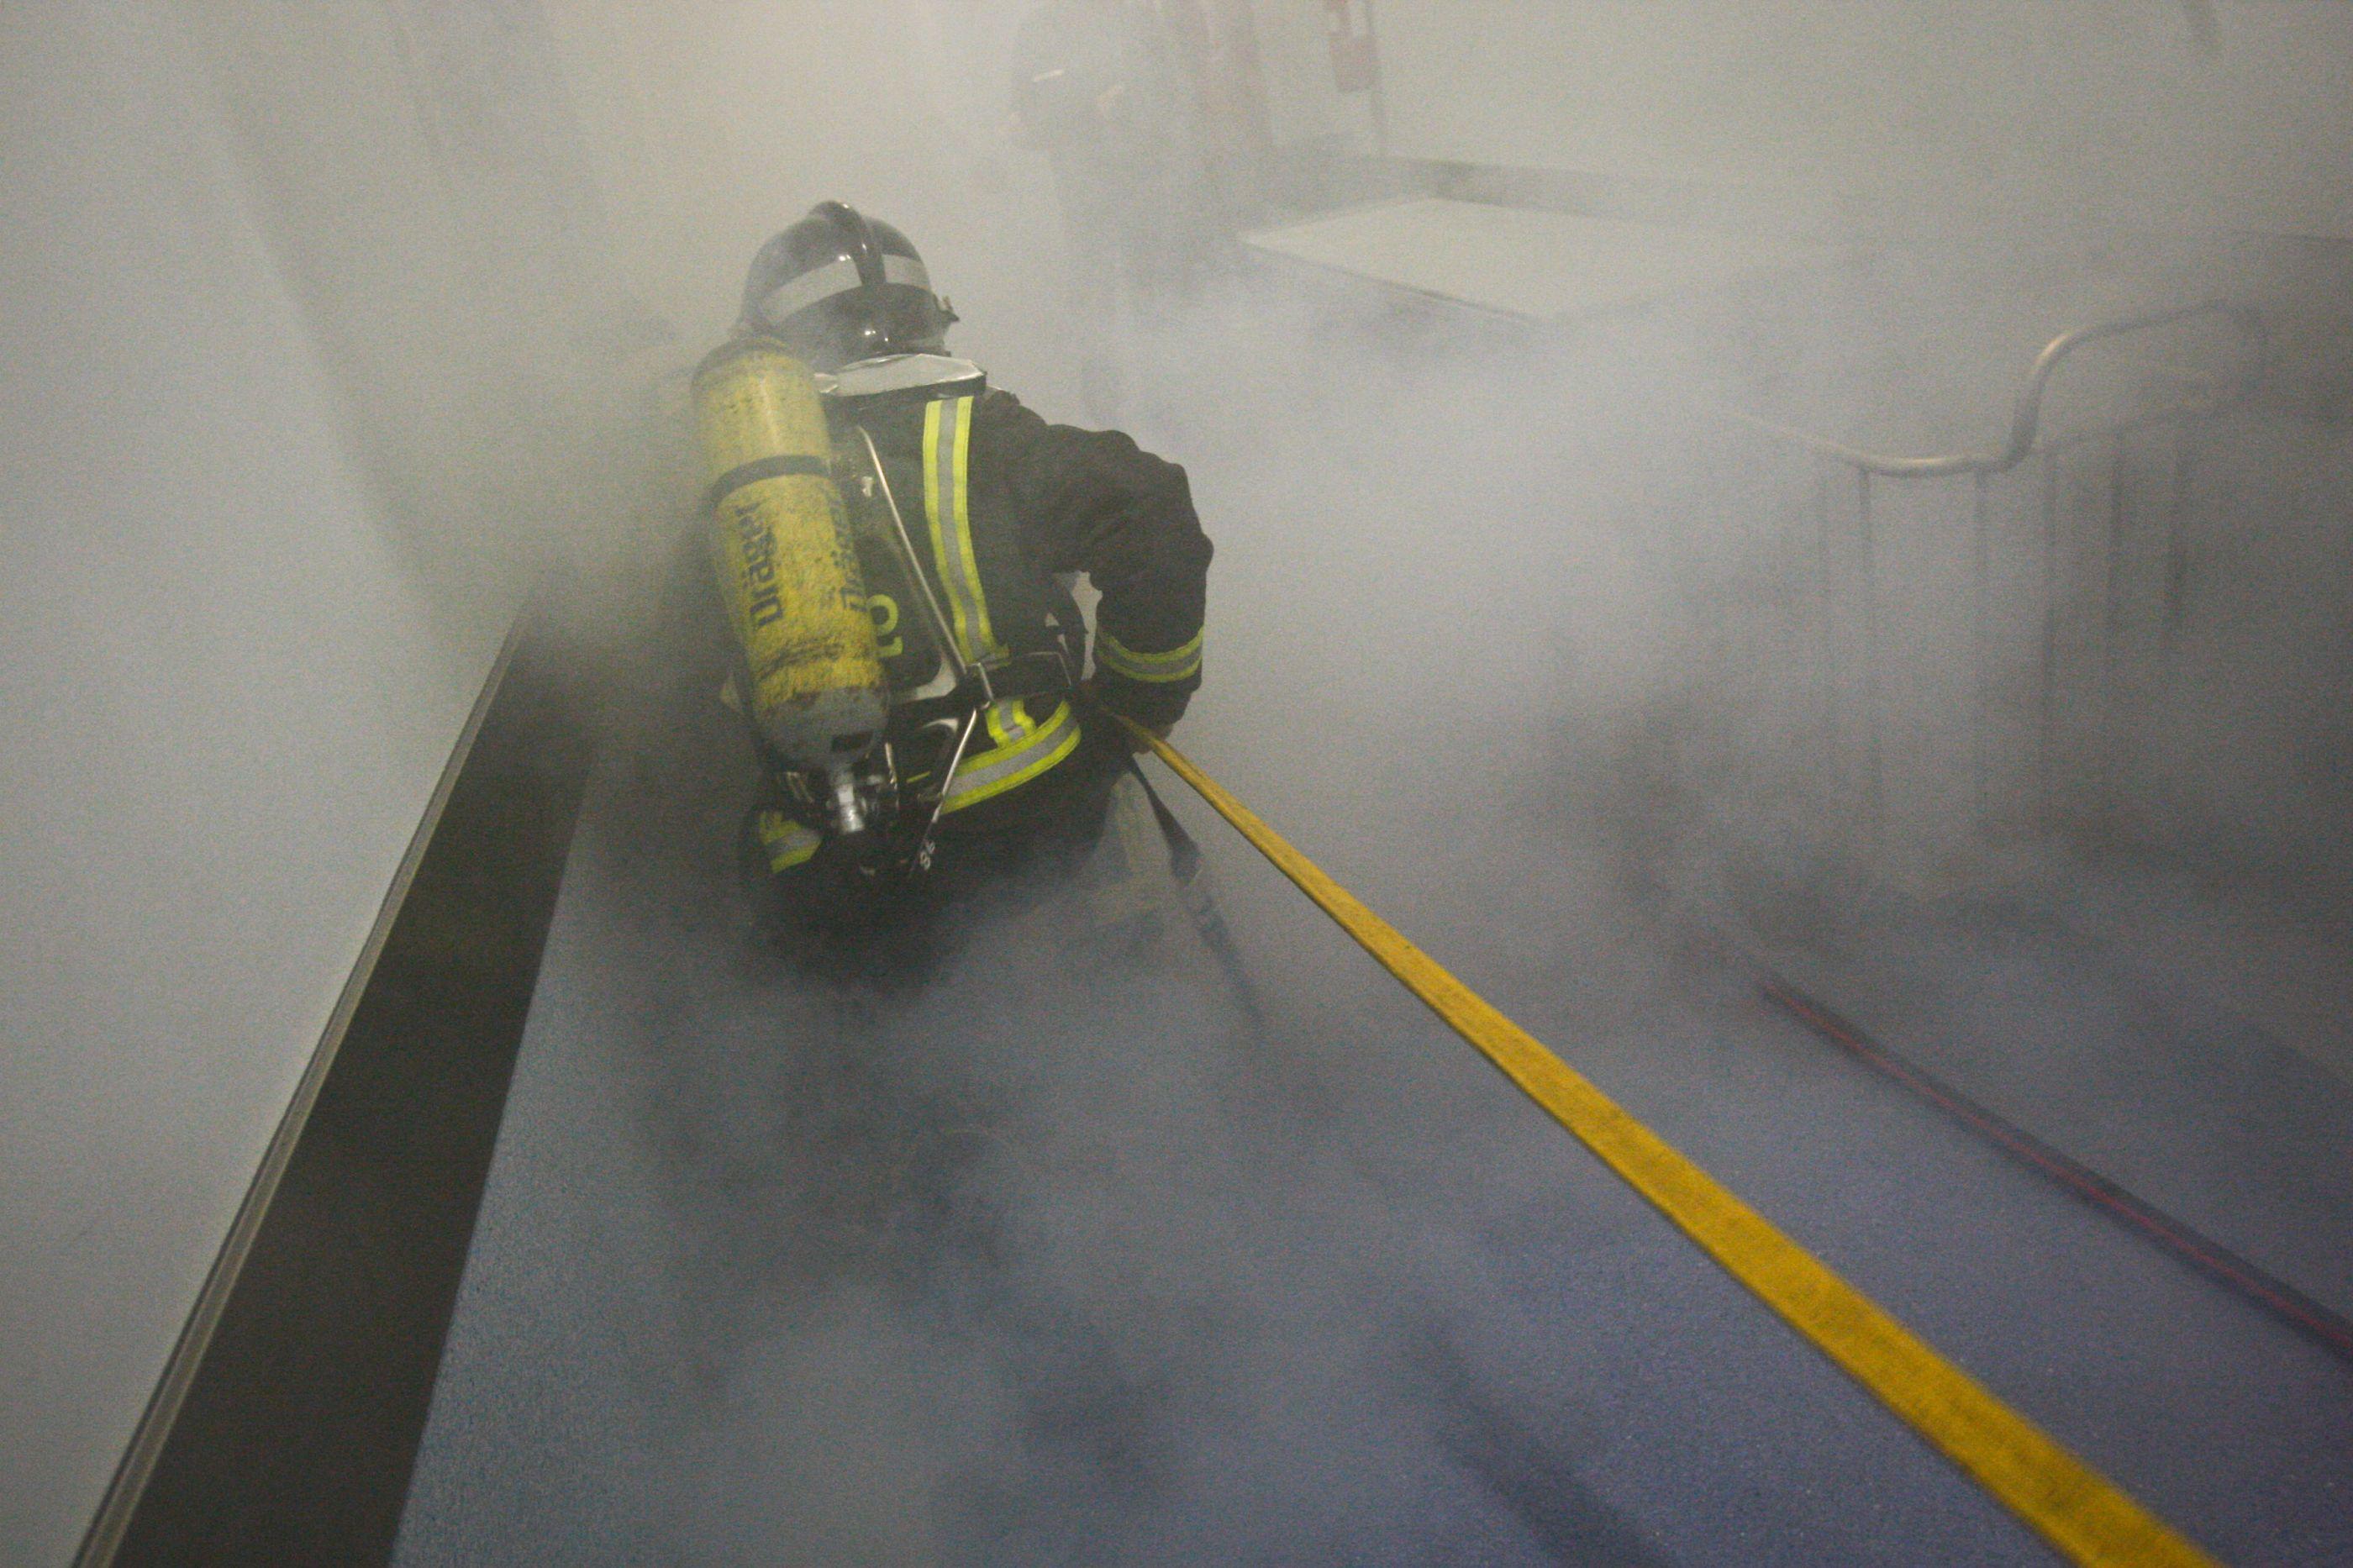 Incêndio num anexo num prédio em Matosinhos